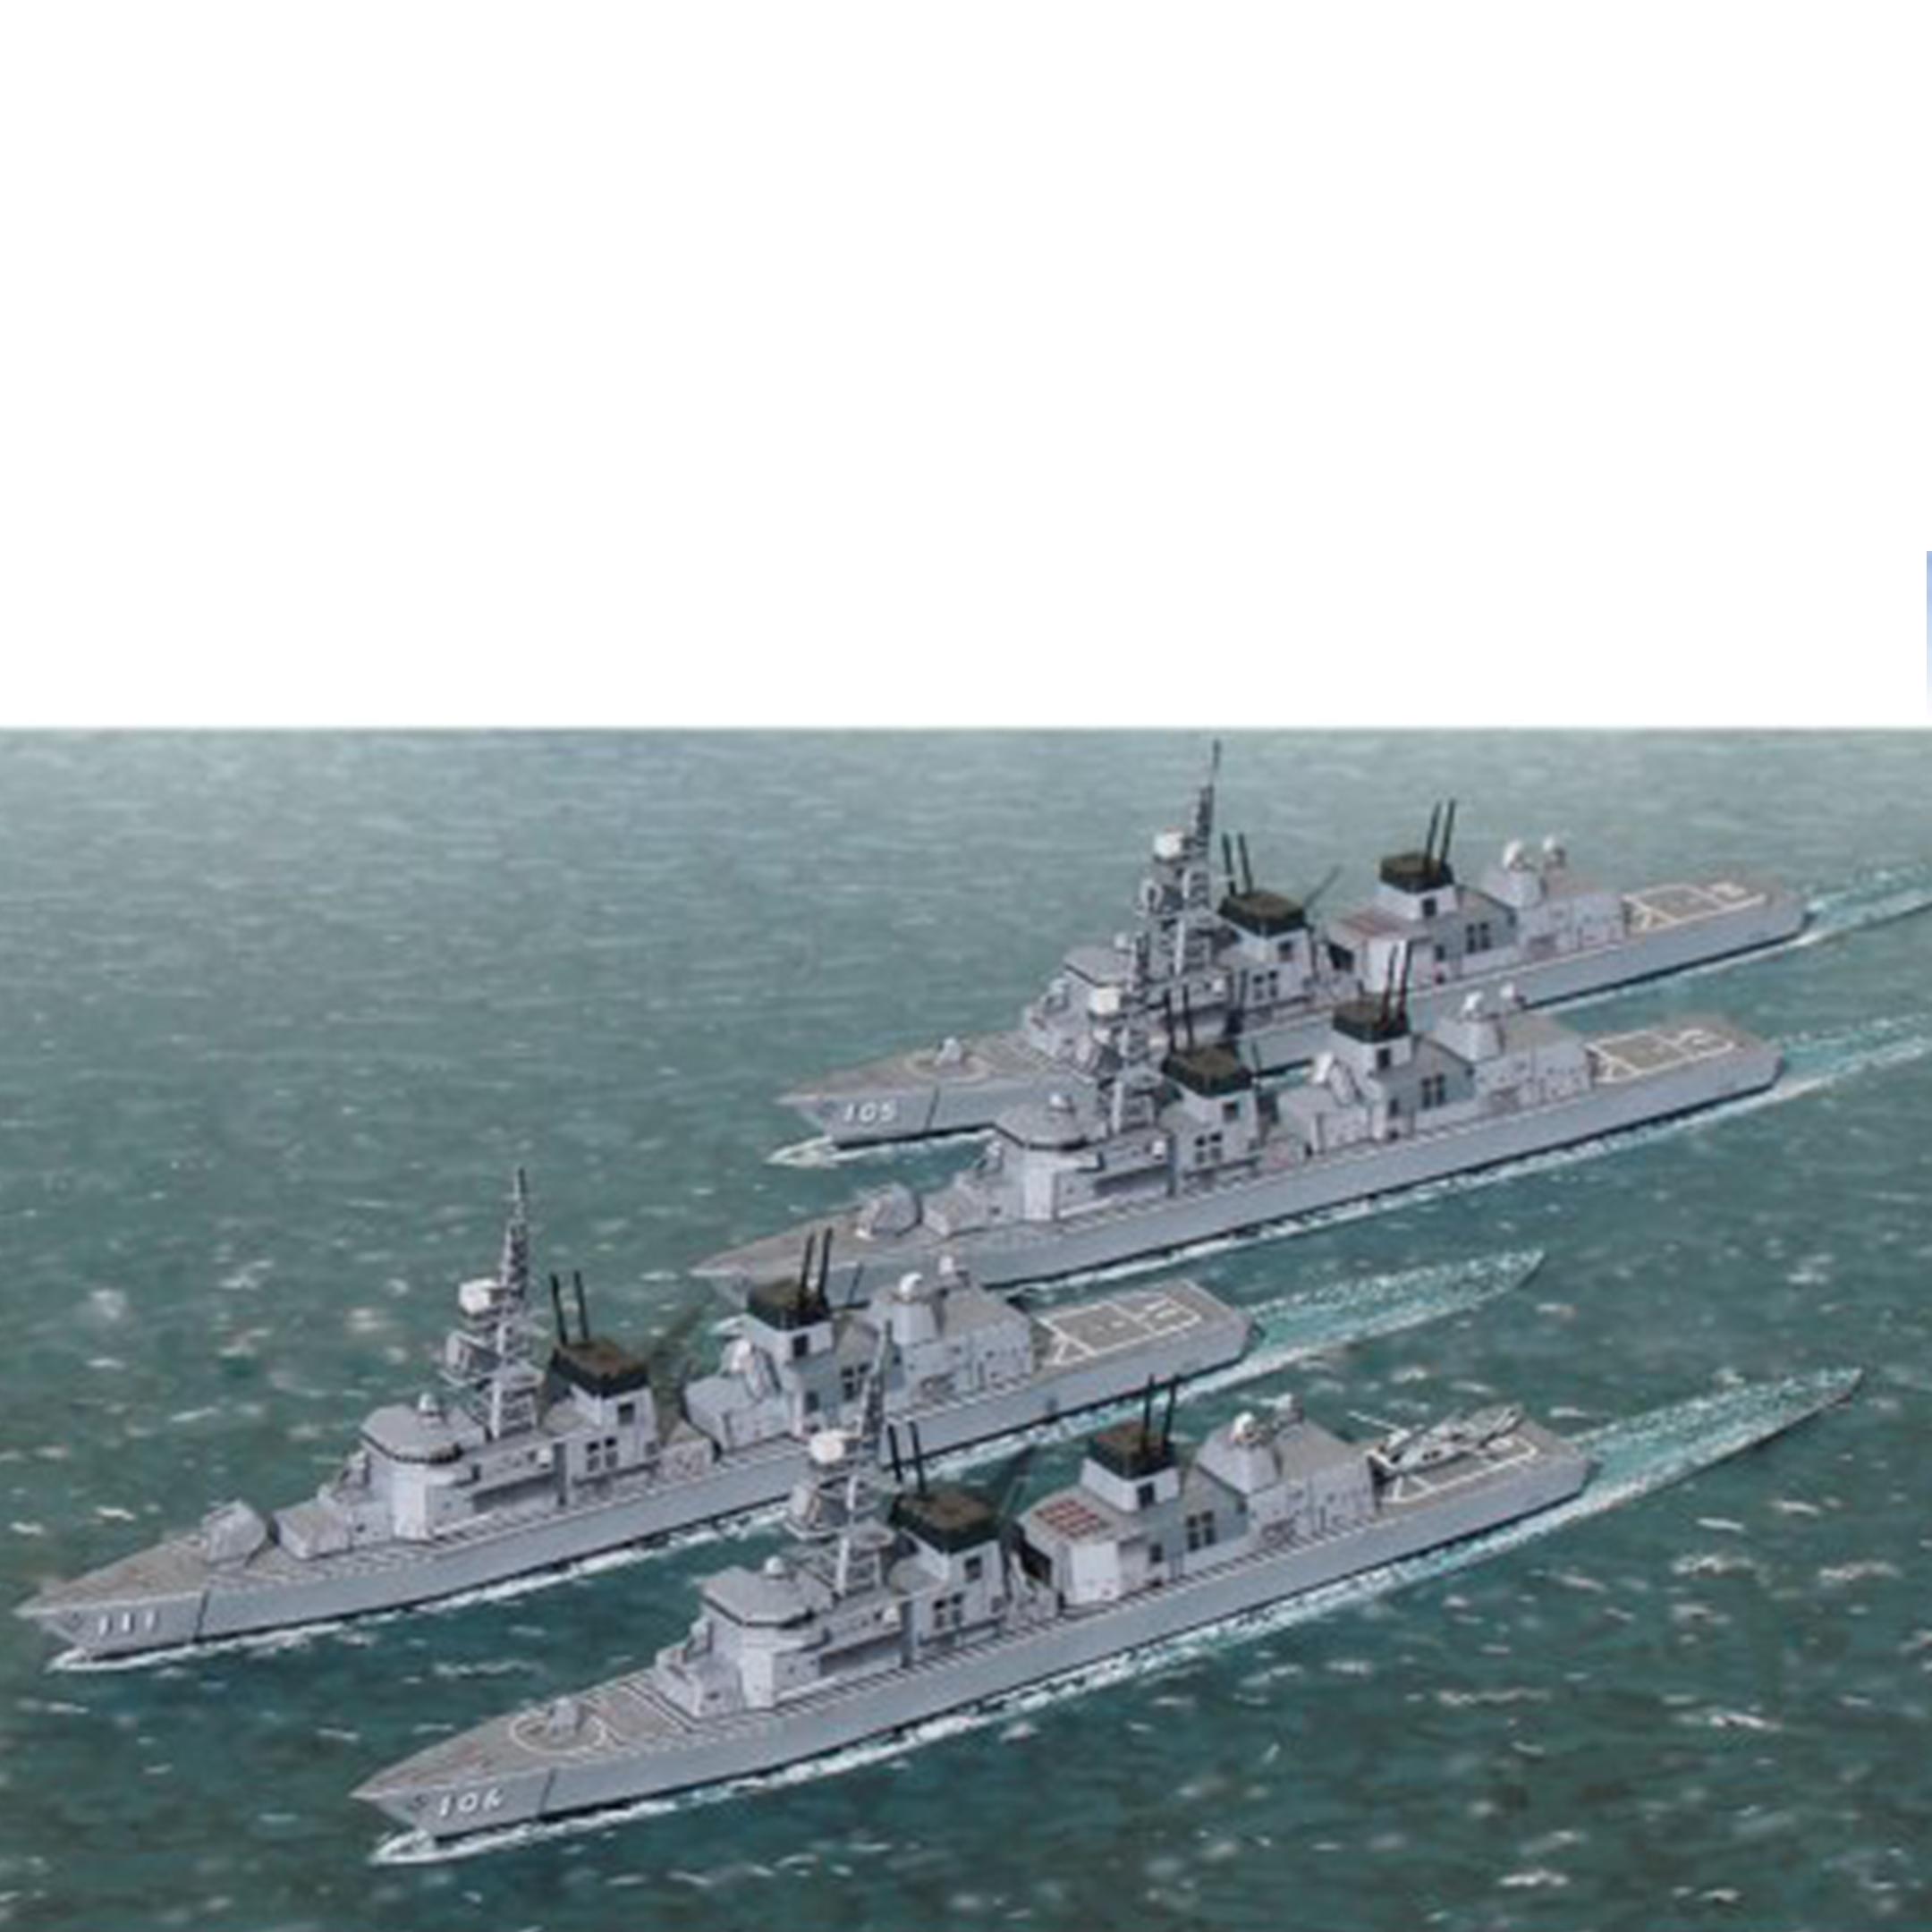 海上自衛隊の護衛艦隊の主力艦 むらさめ型 を1 900スケールでペーパークラフトキットにしました 夏休みの自由研究や父の日の工作キットギフトにも最適です 送料無料 ファセット ペーパークラフト 1 ☆送料無料☆ 当日発送可能 パイングローバル 900 メール便発送 日本製 プレゼント A4サイズ PineGlobal 代引き未対応